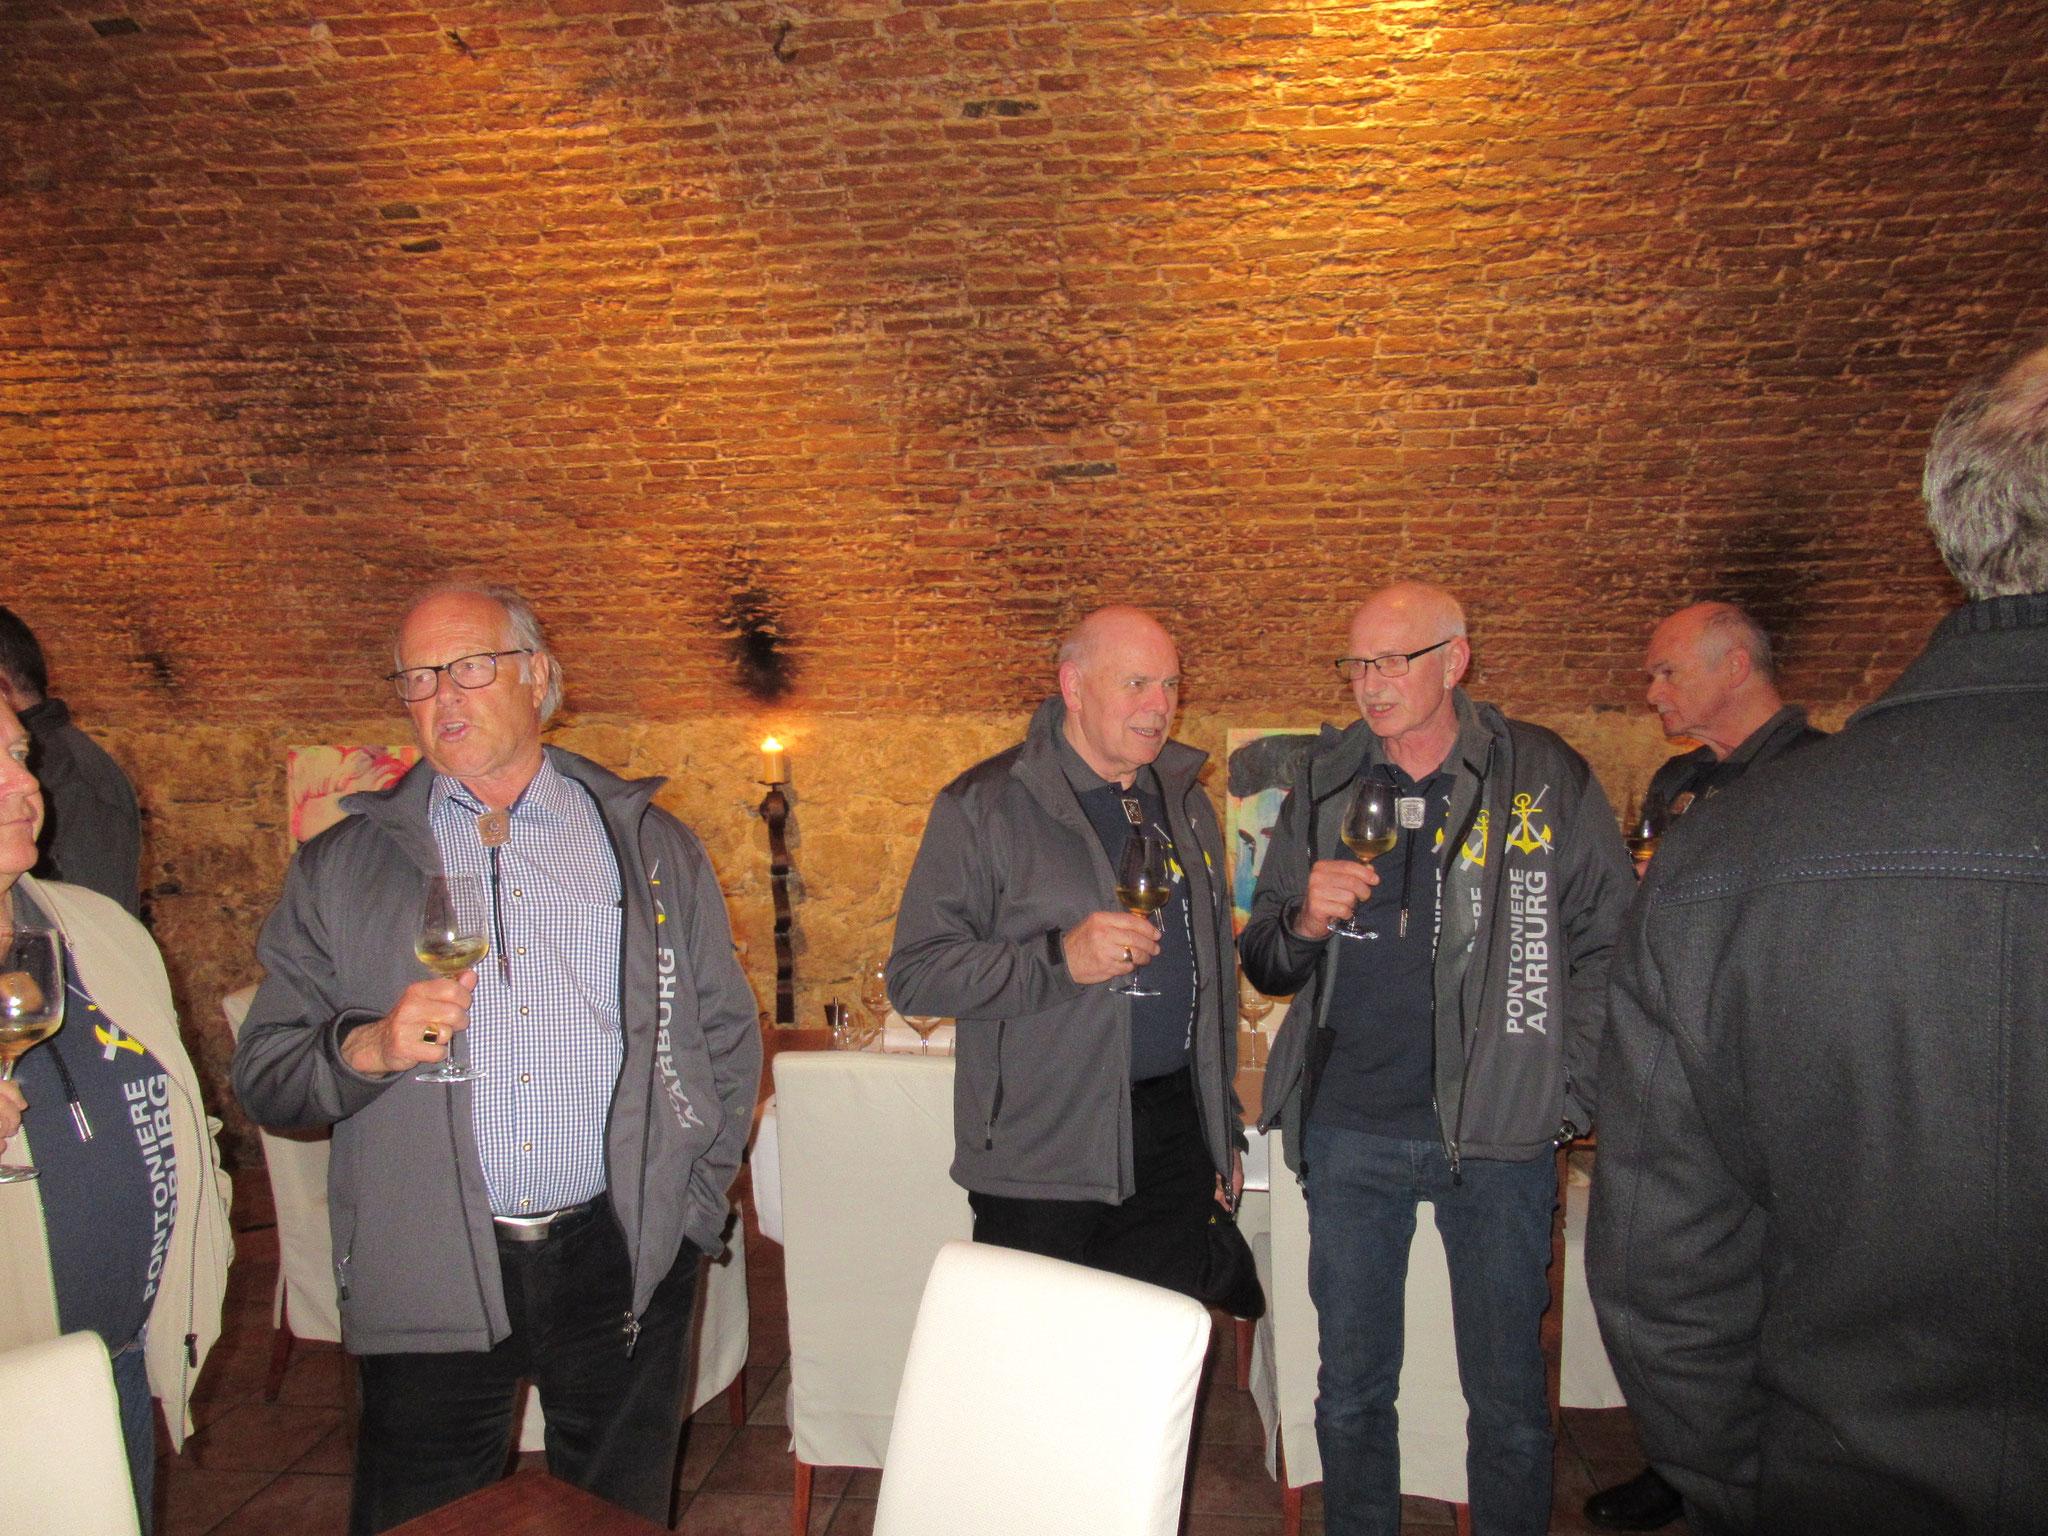 Eifriges Diskutieren beim unvorher gesehenen zusätzlich Apéro vor dem Nachtessen im La Perla